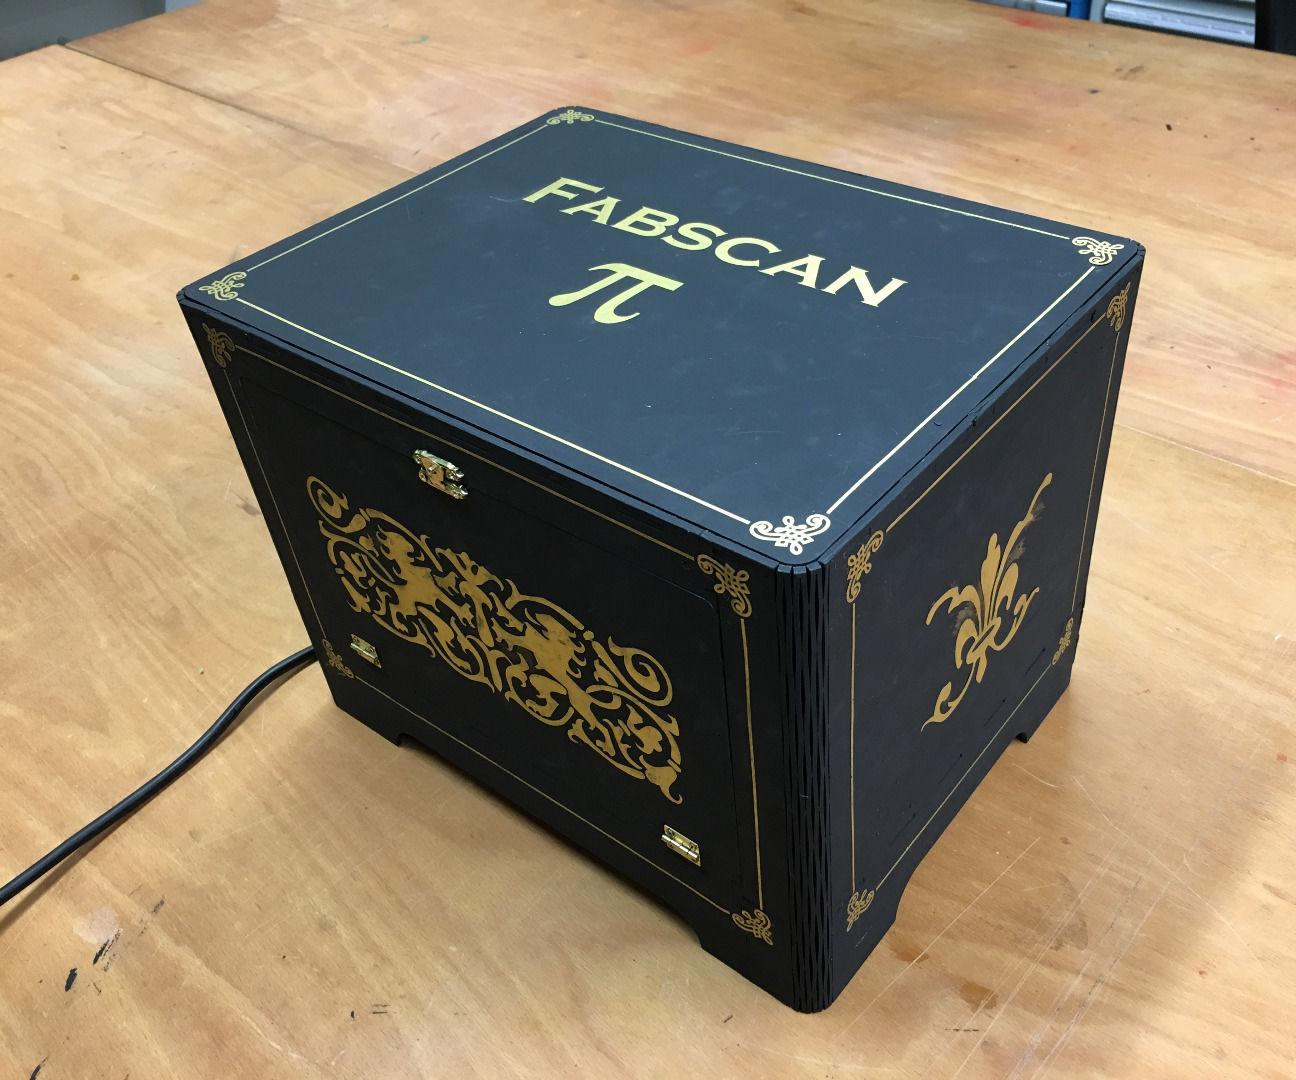 3D Scanner: FabScan Pi